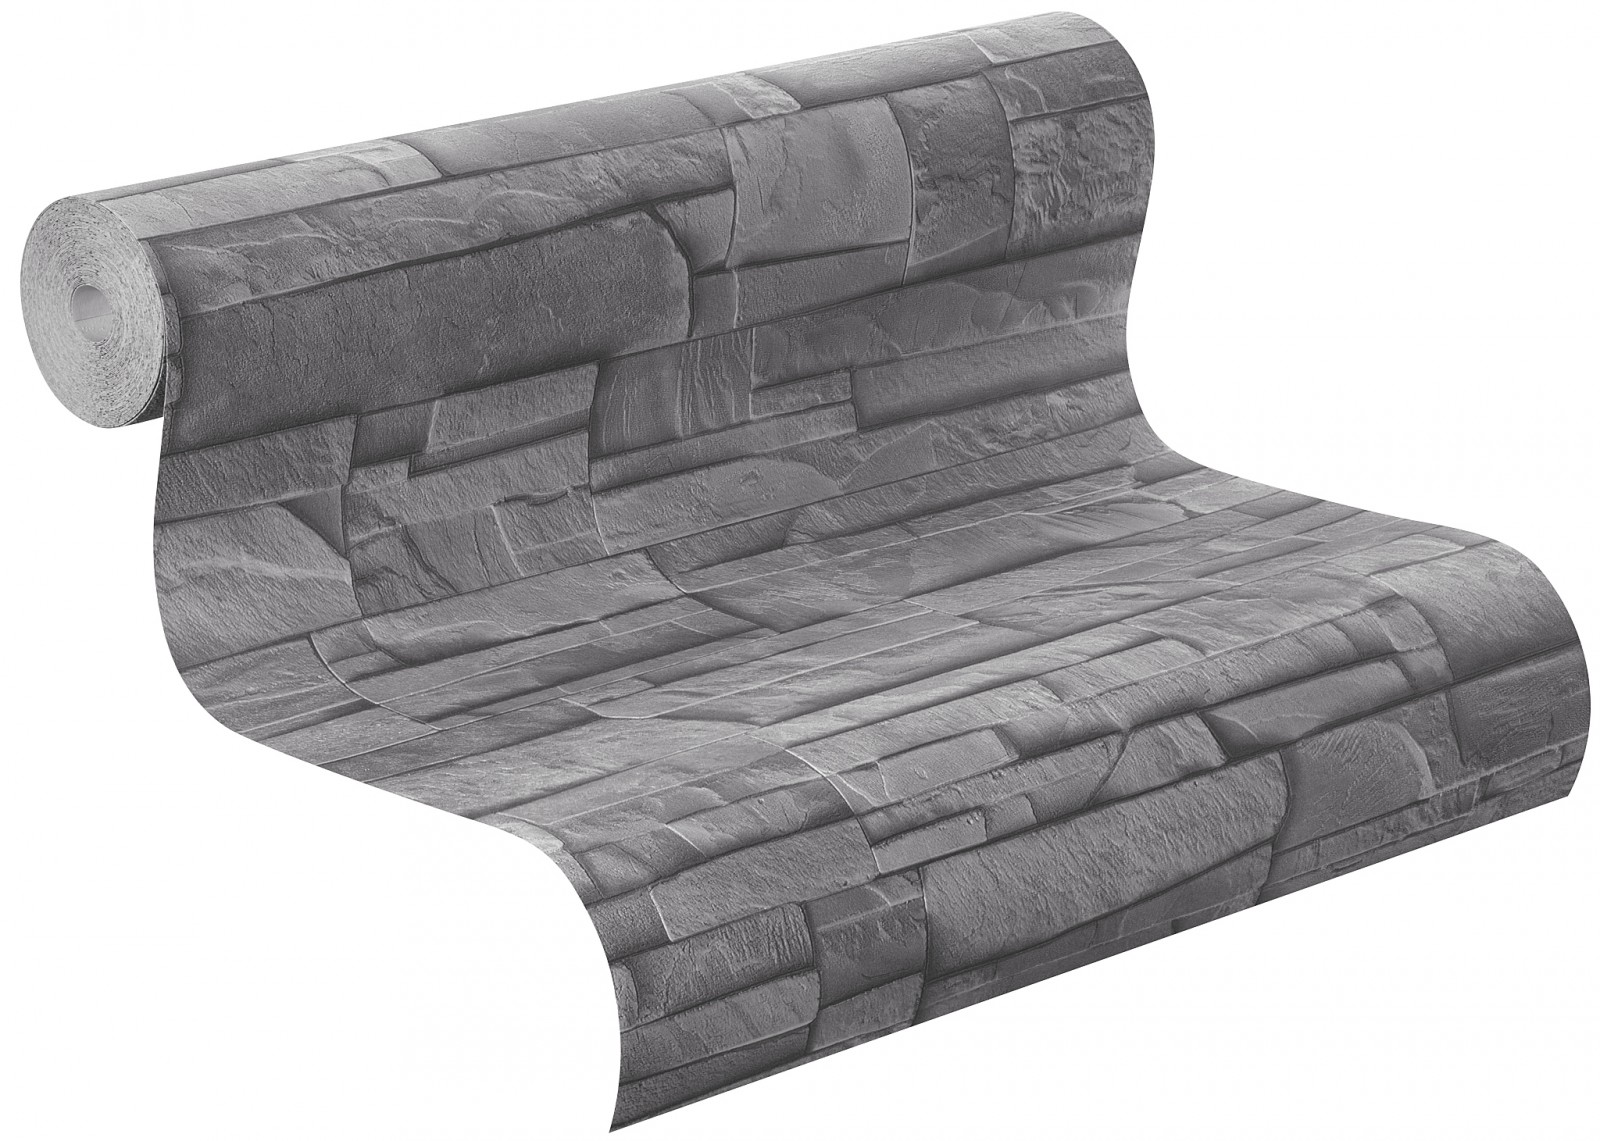 vliestapete stein grau schwarz factory rasch 475029. Black Bedroom Furniture Sets. Home Design Ideas